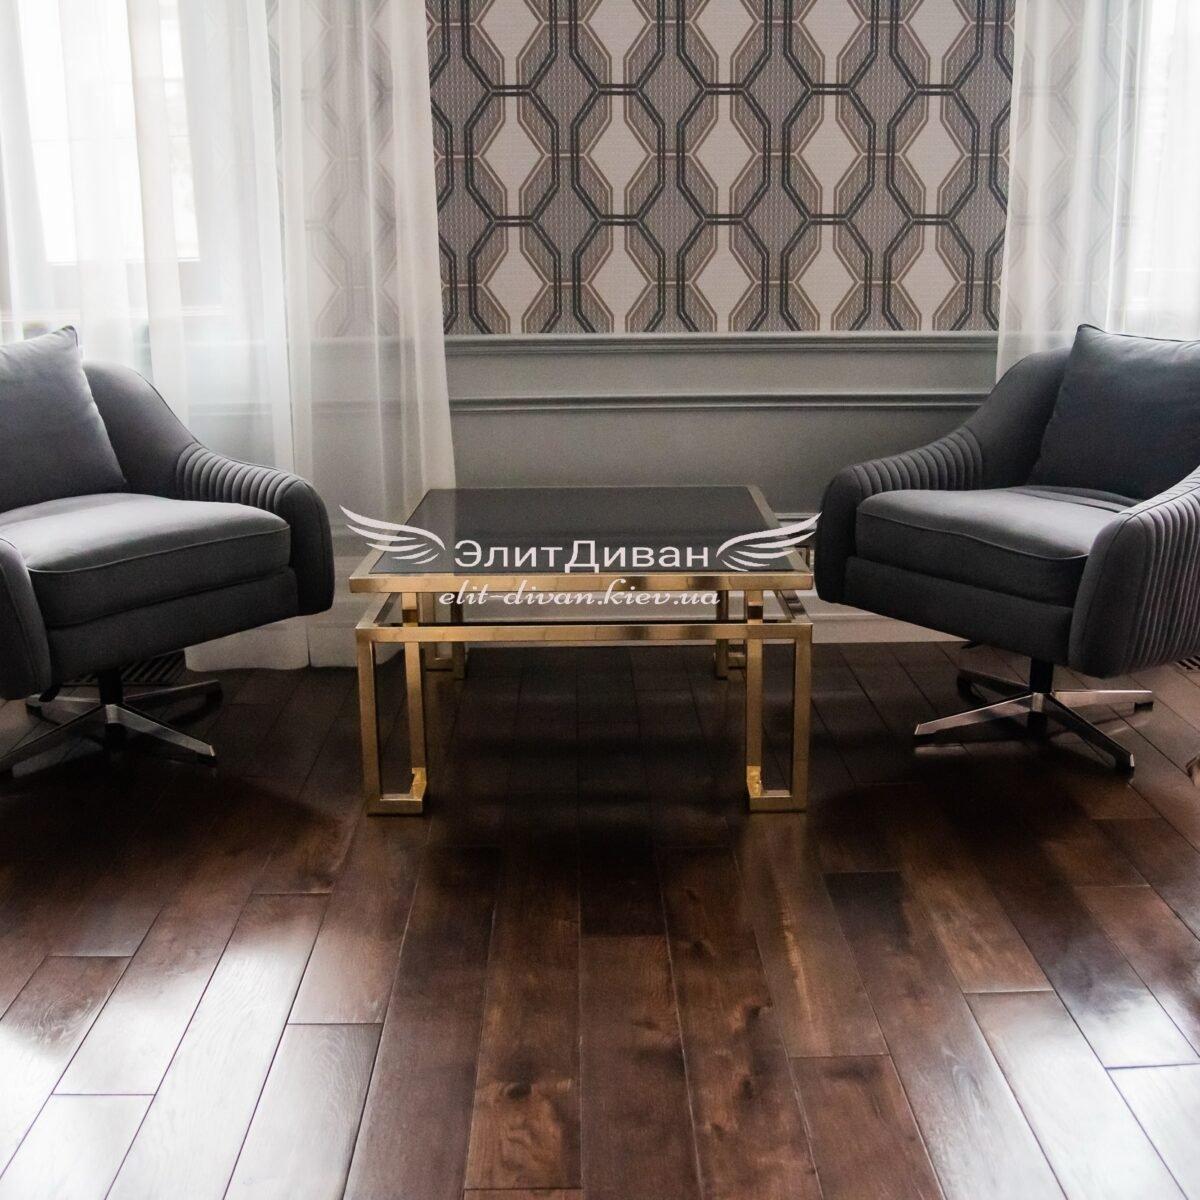 кресла и столик под заказ Киев